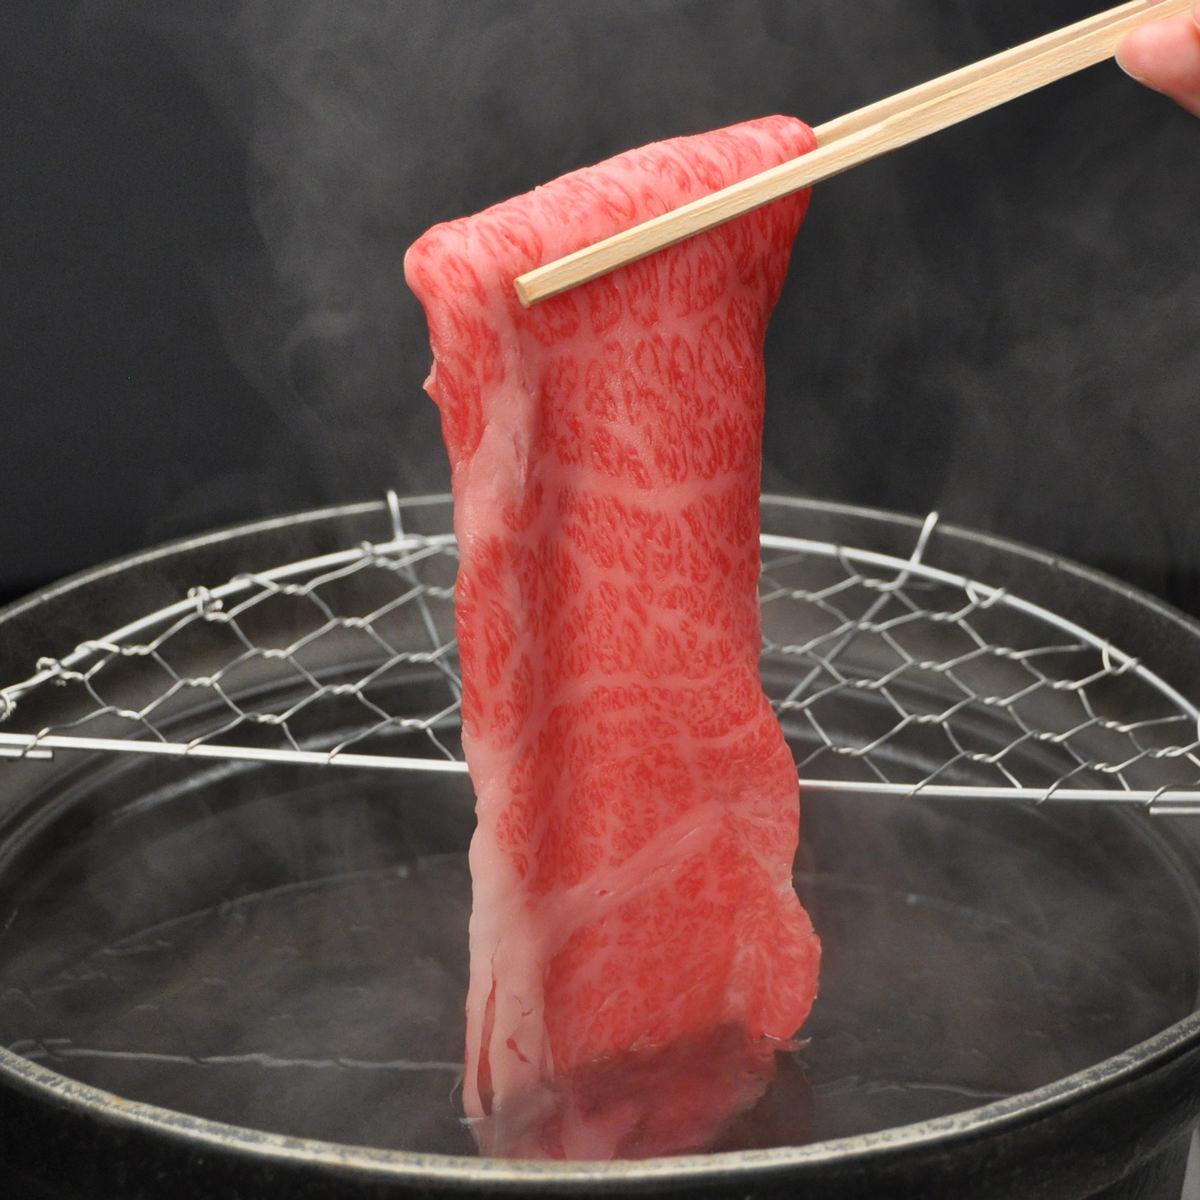 松阪まるよし 松阪牛 しゃぶしゃぶ用スライス肉 〔ロース・肩ロース200g〕三重県